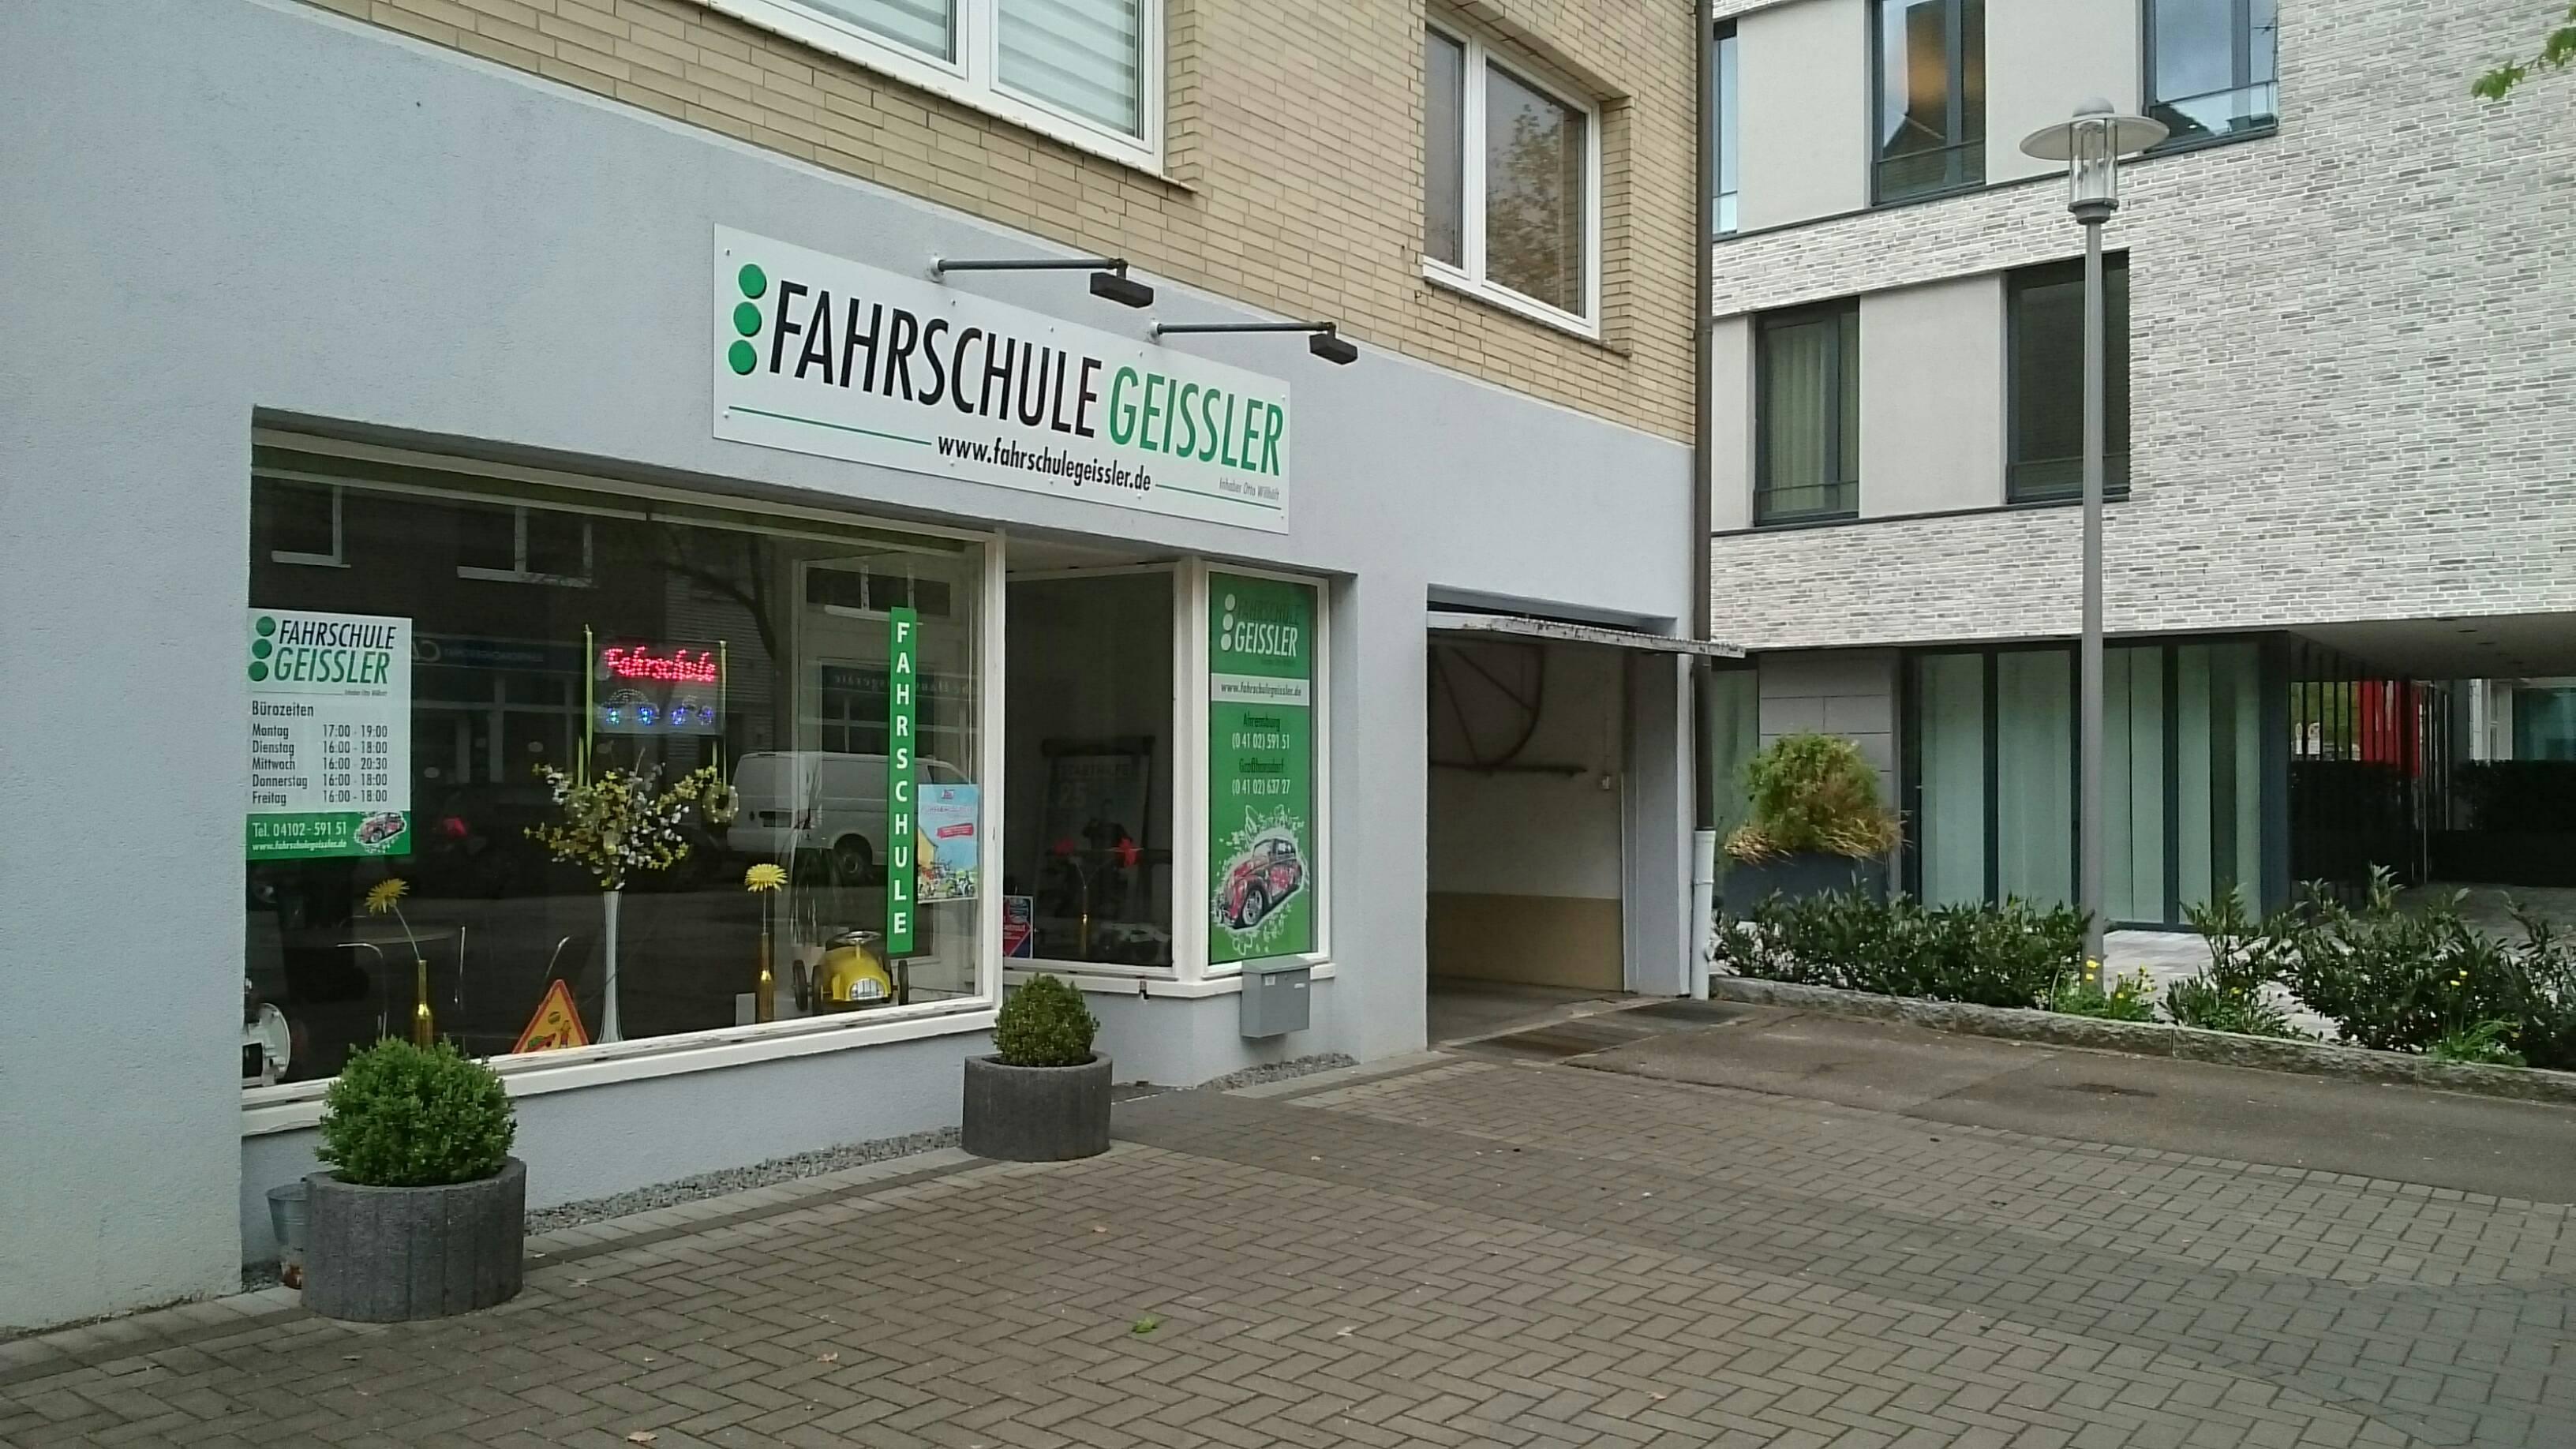 ➤ Görtz Schuhe 22926 Ahrensburg Öffnungszeiten   Adresse